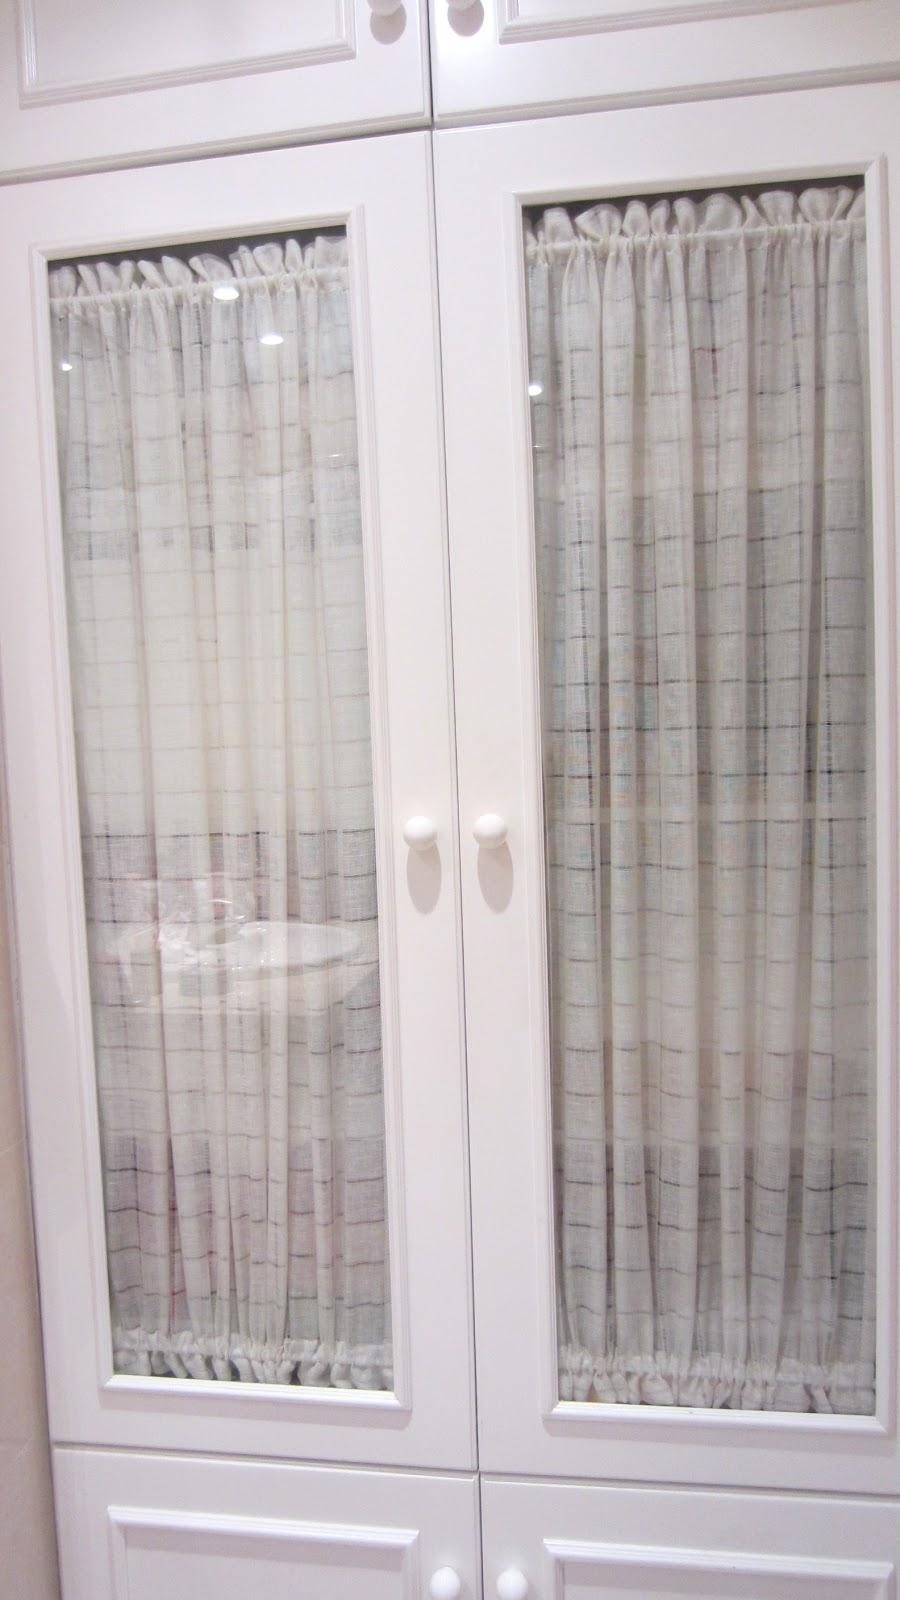 Patrones de costura visillos para muebles - Puertas de cristal para armarios ...